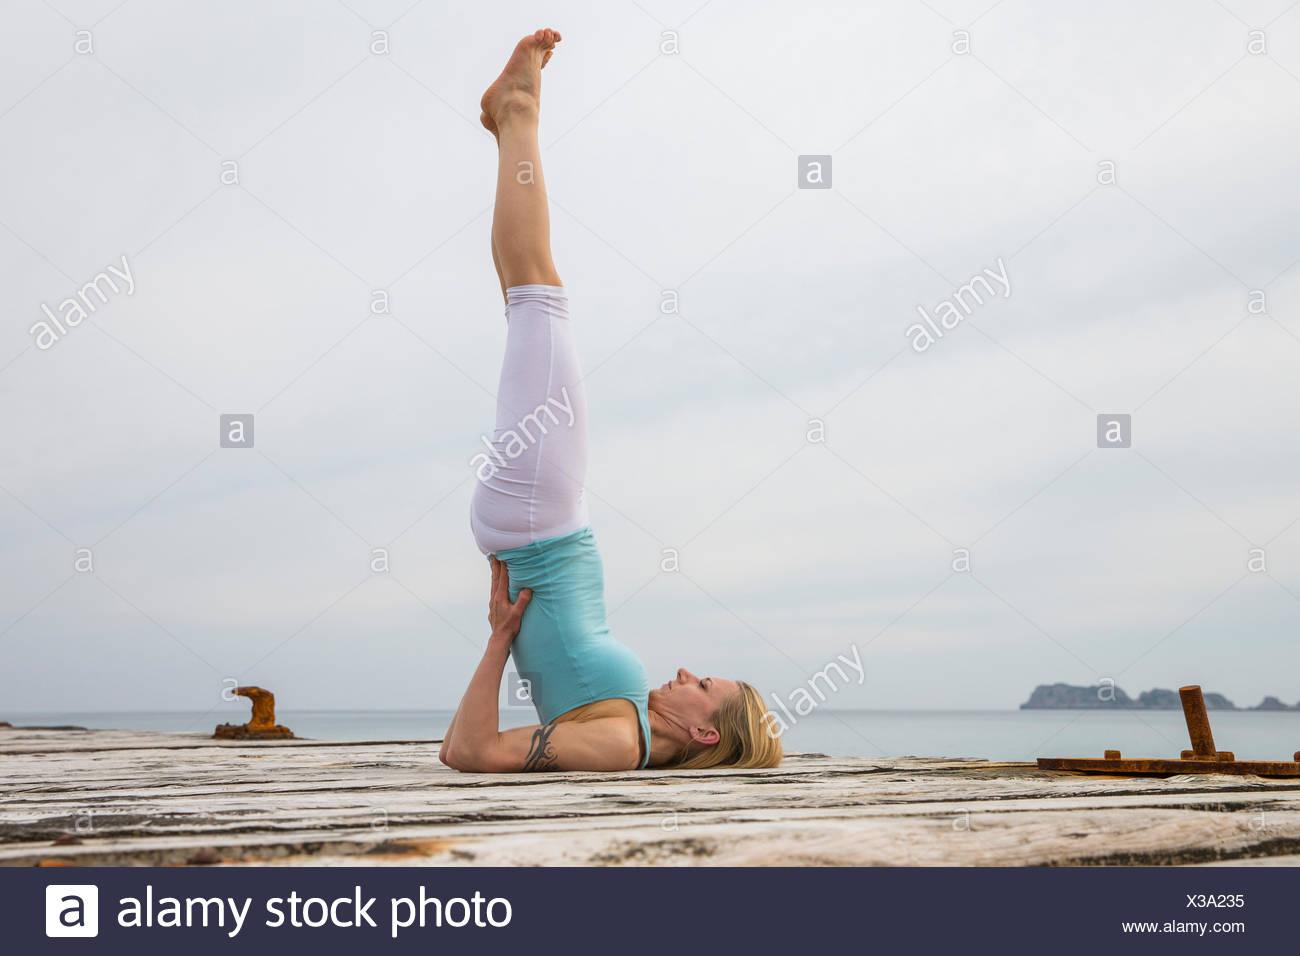 Metà donna adulta con le gambe sollevate a praticare yoga sul mare in legno pier Immagini Stock